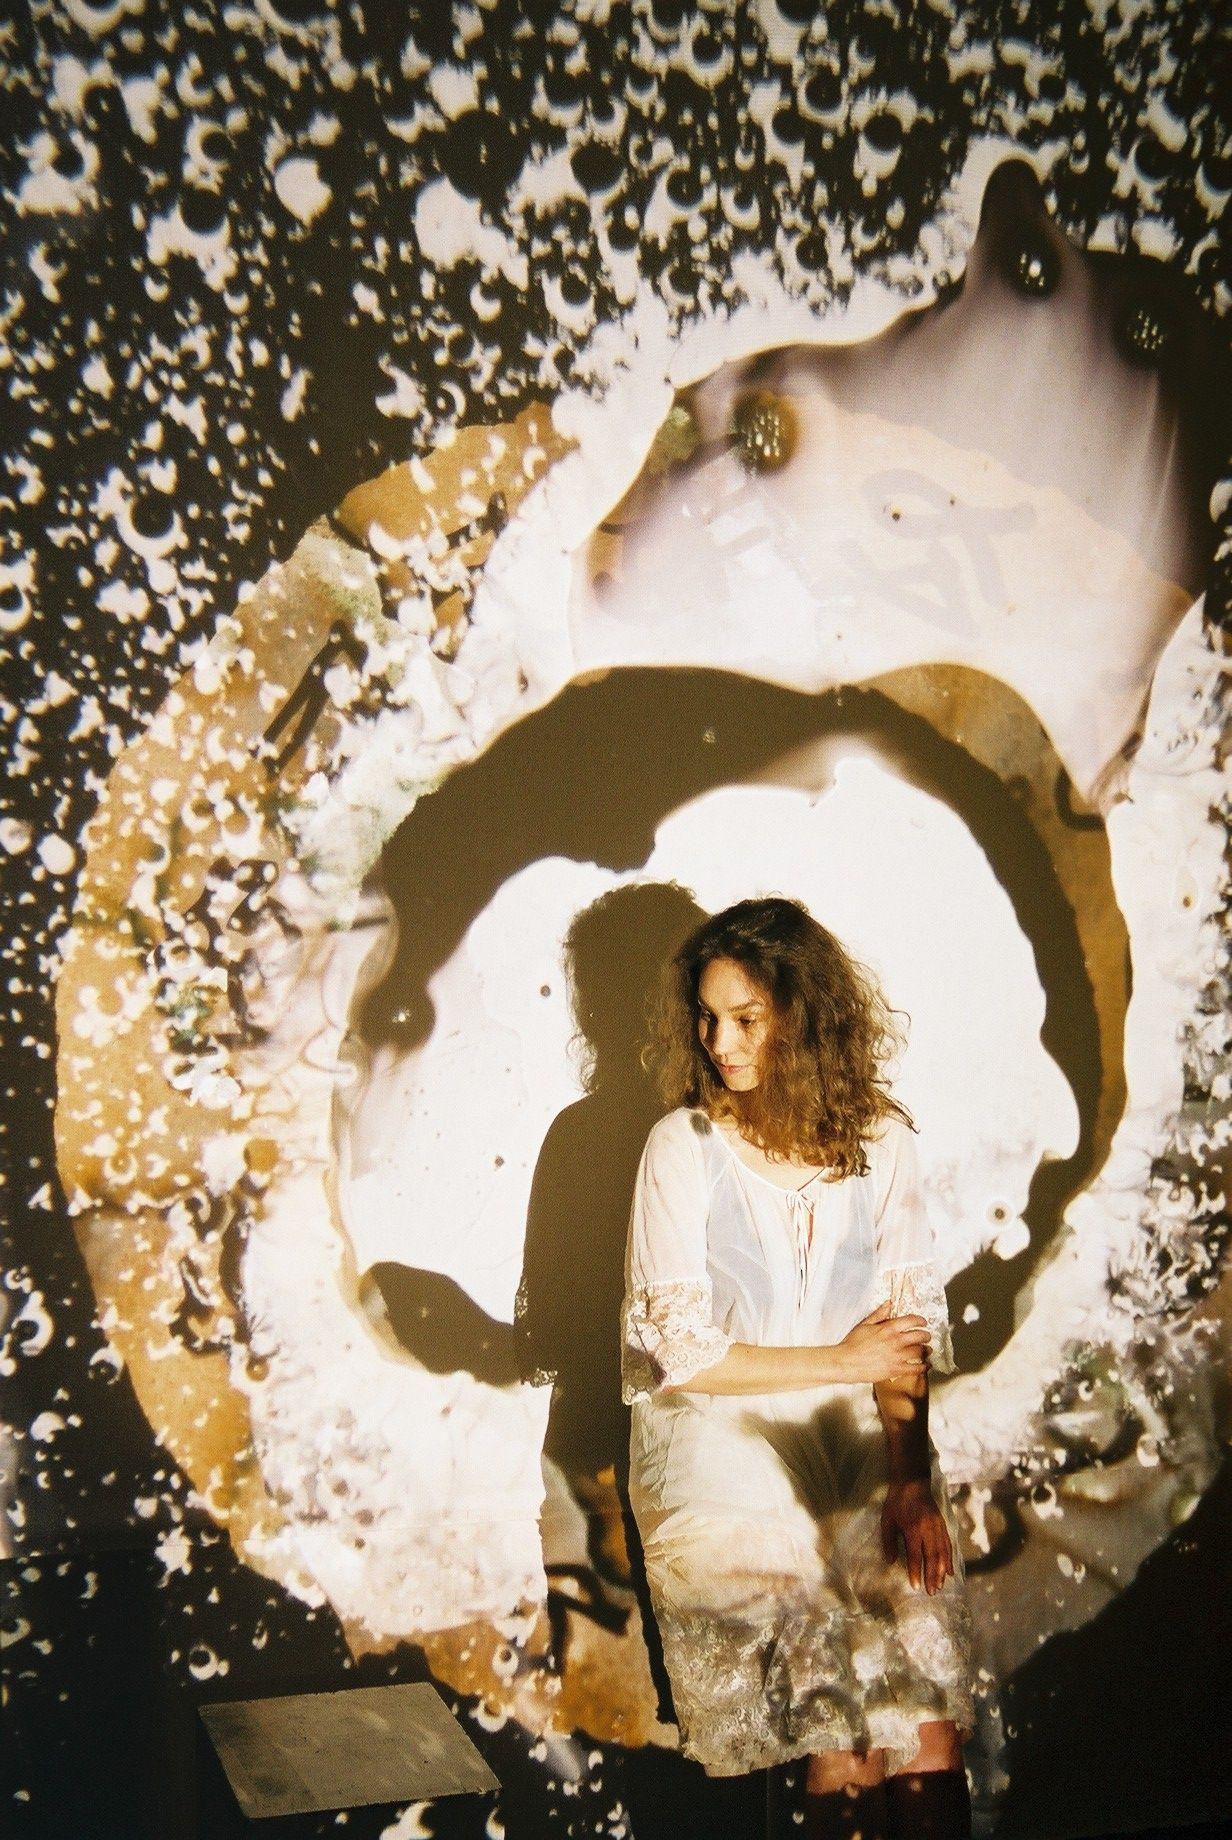 THEATER Faust's Licht Faust's Licht (1985) van componist Guus Janssen en librettist Friso Haverkamp naar 'Doctor Faustus Lights the Lights' van Gertrude Stein, krijgt na allerlei concertversies eindelijk een scènische wereldpremière. De regie is van Miranda Lakerveld met live en kinetisch geschilderde projecties van Norman Perryman. Faust's Licht: 17, 18, 20 mei 20u30; 21 mei 14u30 Bethaniënklooster; info@bethanienklooster.nl Projectie Norman Perryman